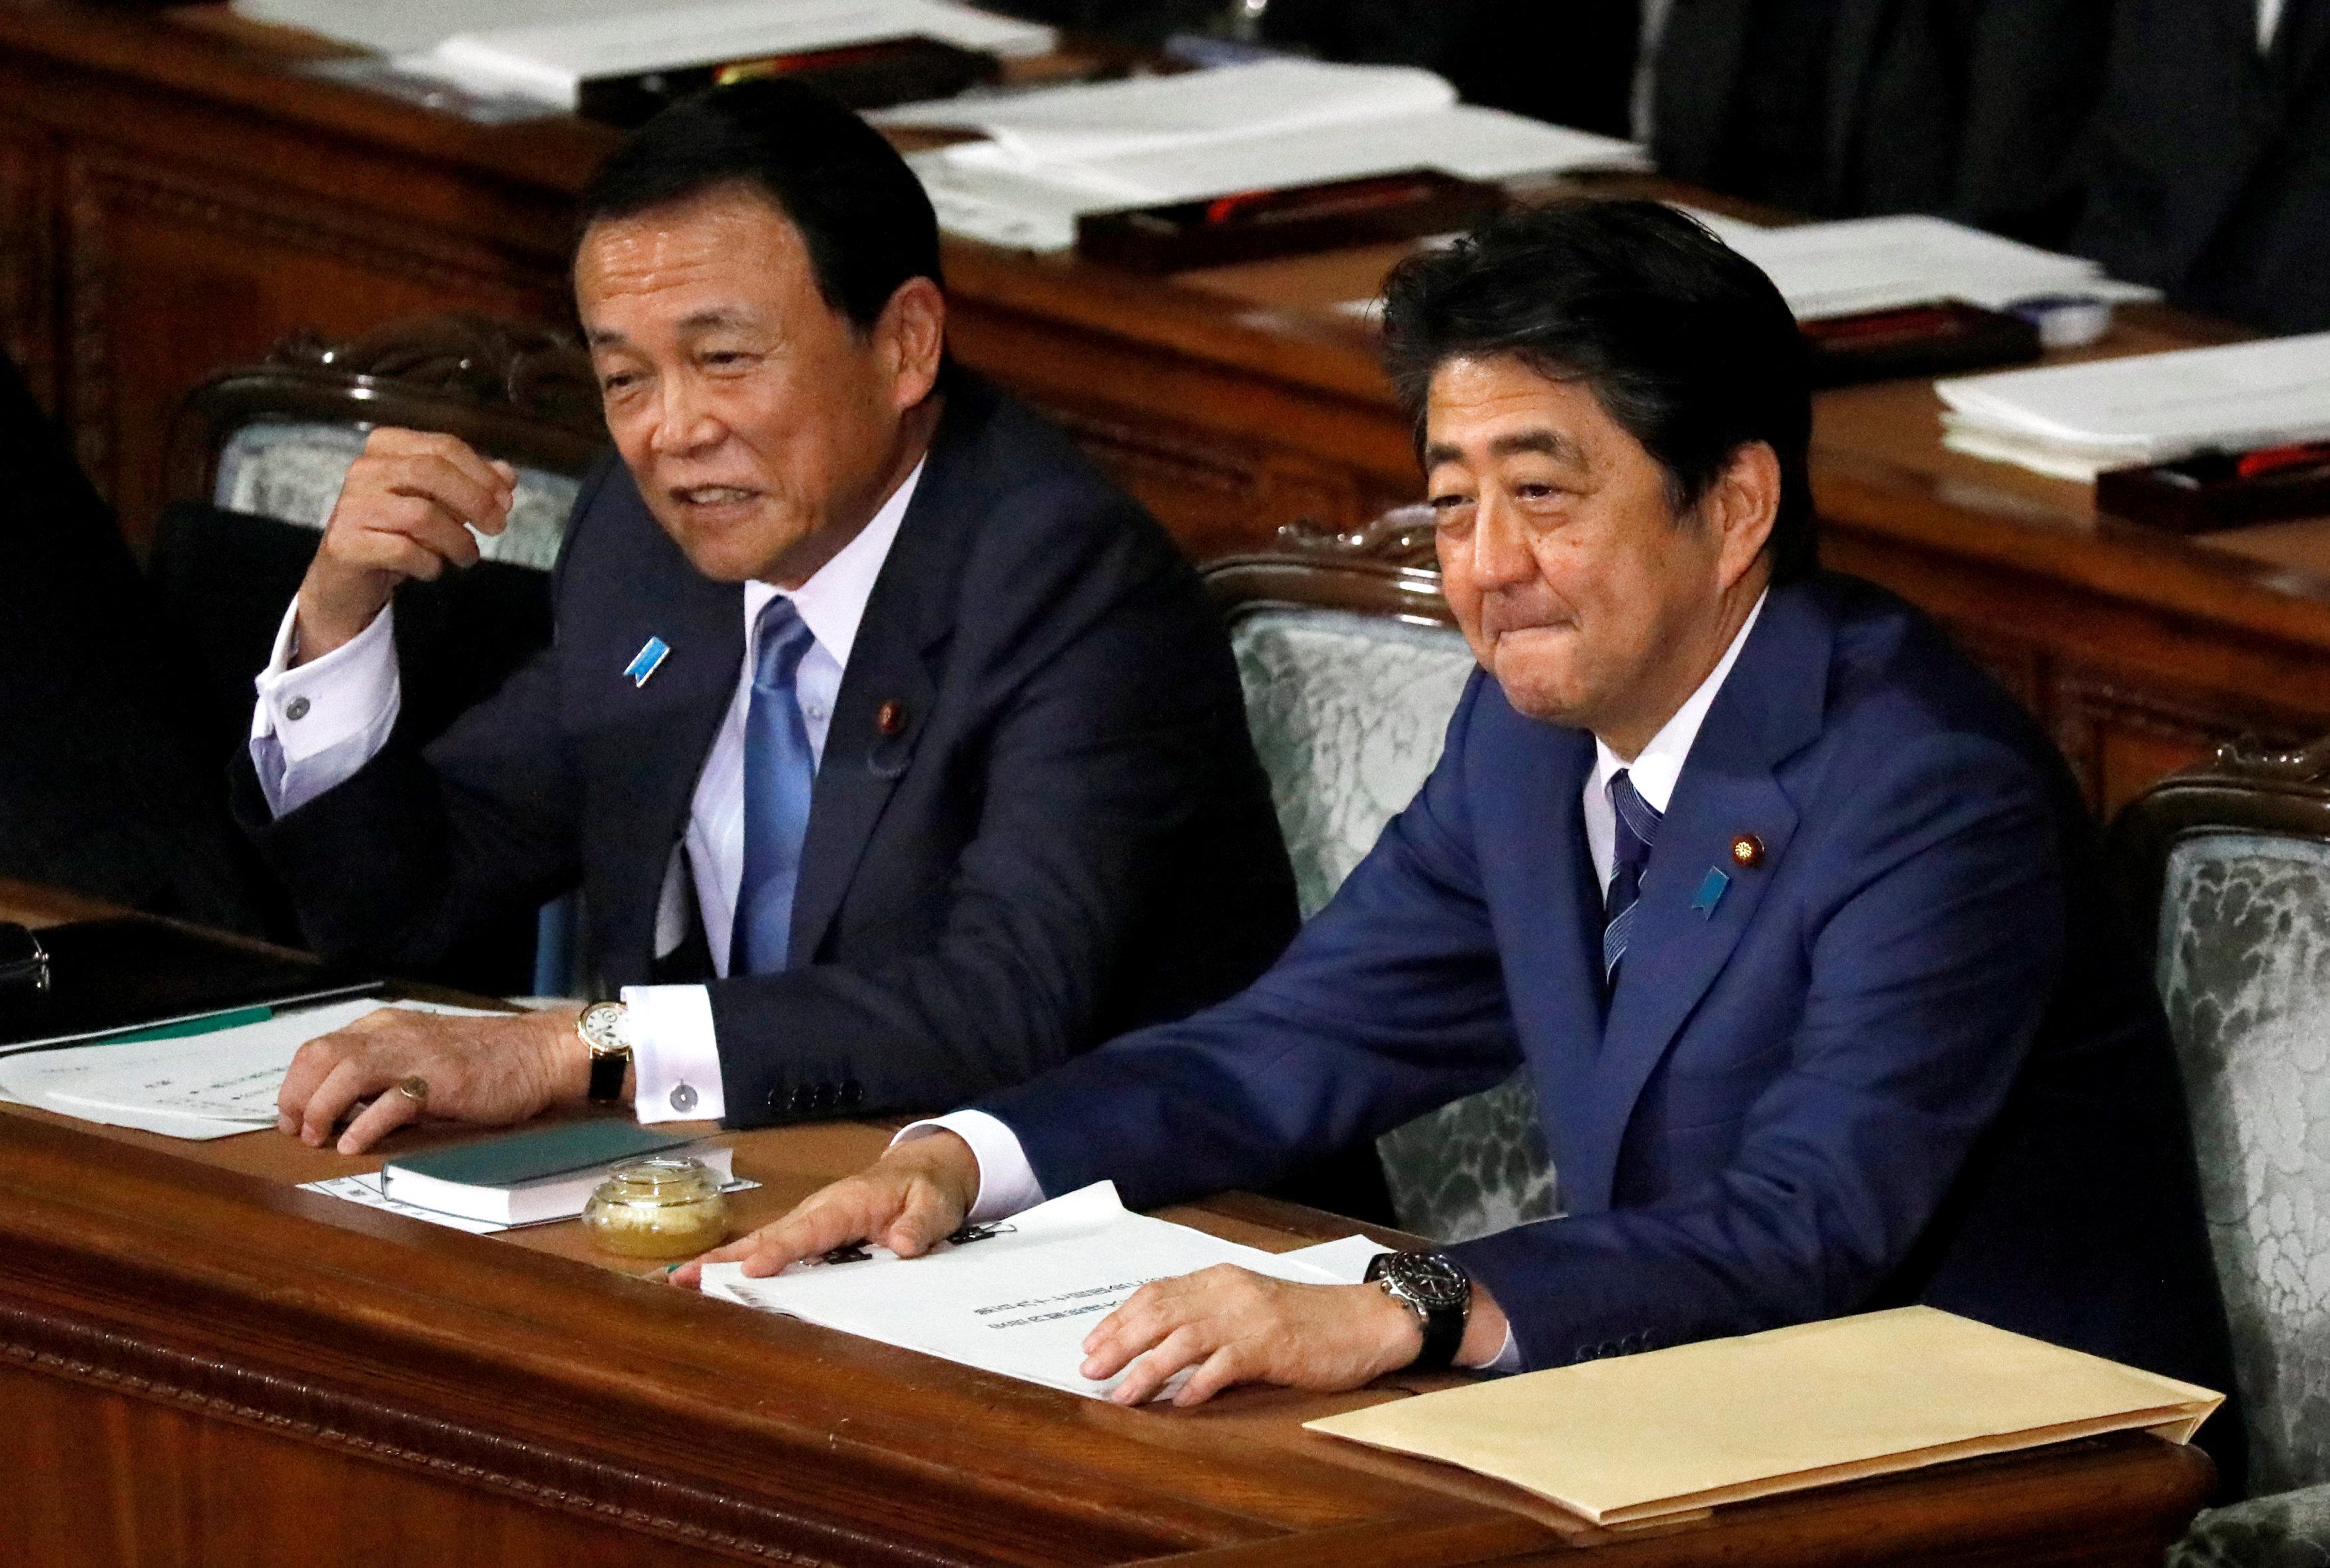 رئيس الوزراء اليابانى ونائبه